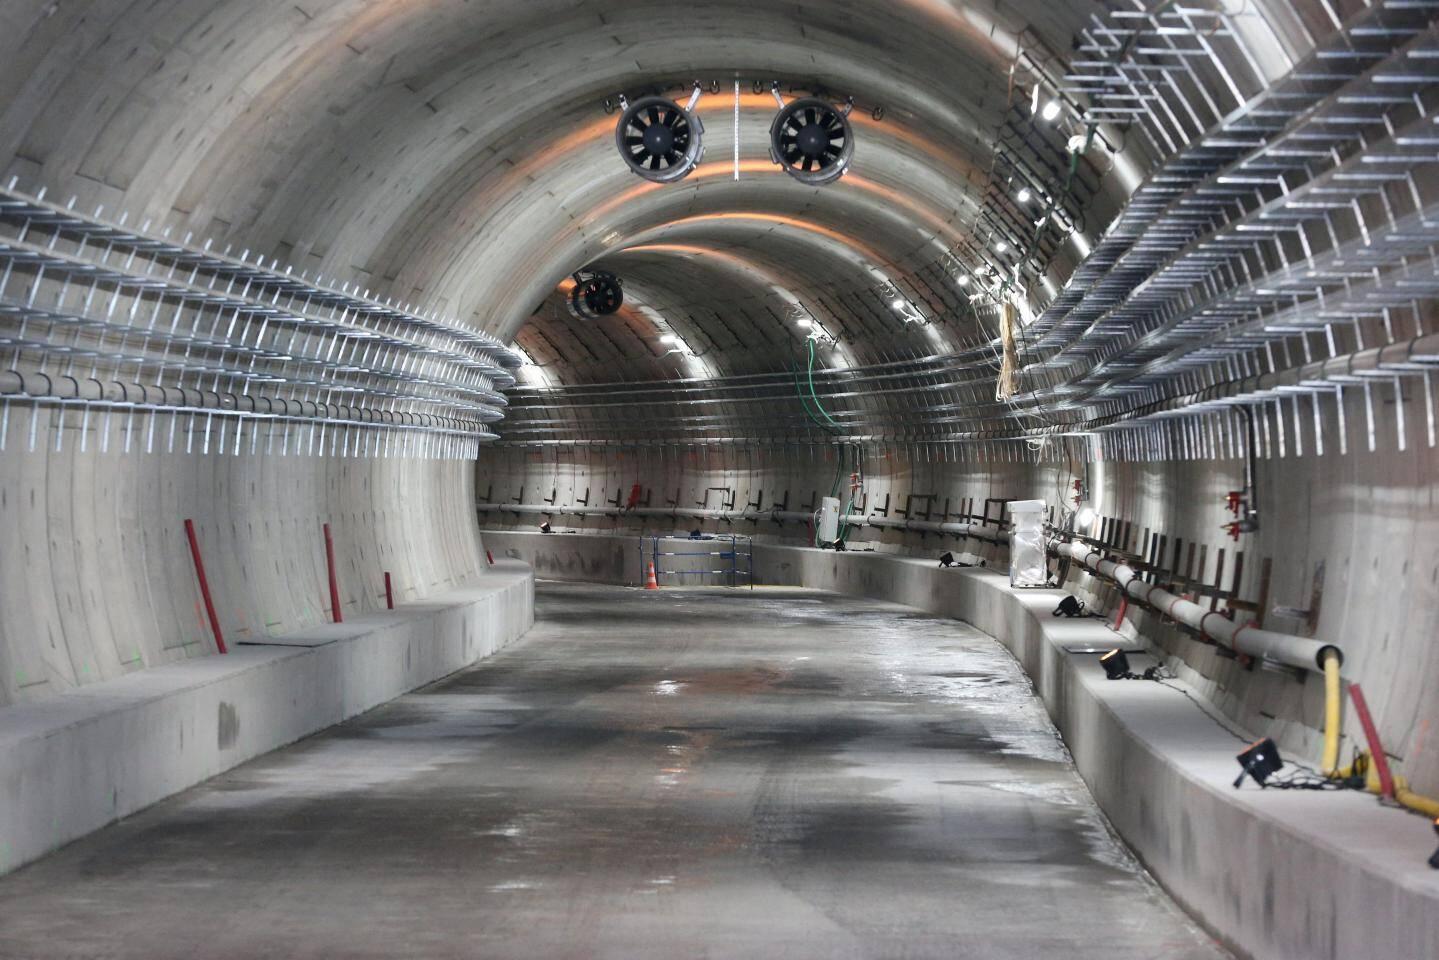 ©PHOTOPQR/NICE MATIN ; Nice le 18/05/2018 - Visite du chantier du tunnel de la Rue de France de la ligne 2 du Tramway entre la sortie du tunnel et la première station au niveau de la rue Alsace-lorraine. Tunnel Rue de France L2 Tram